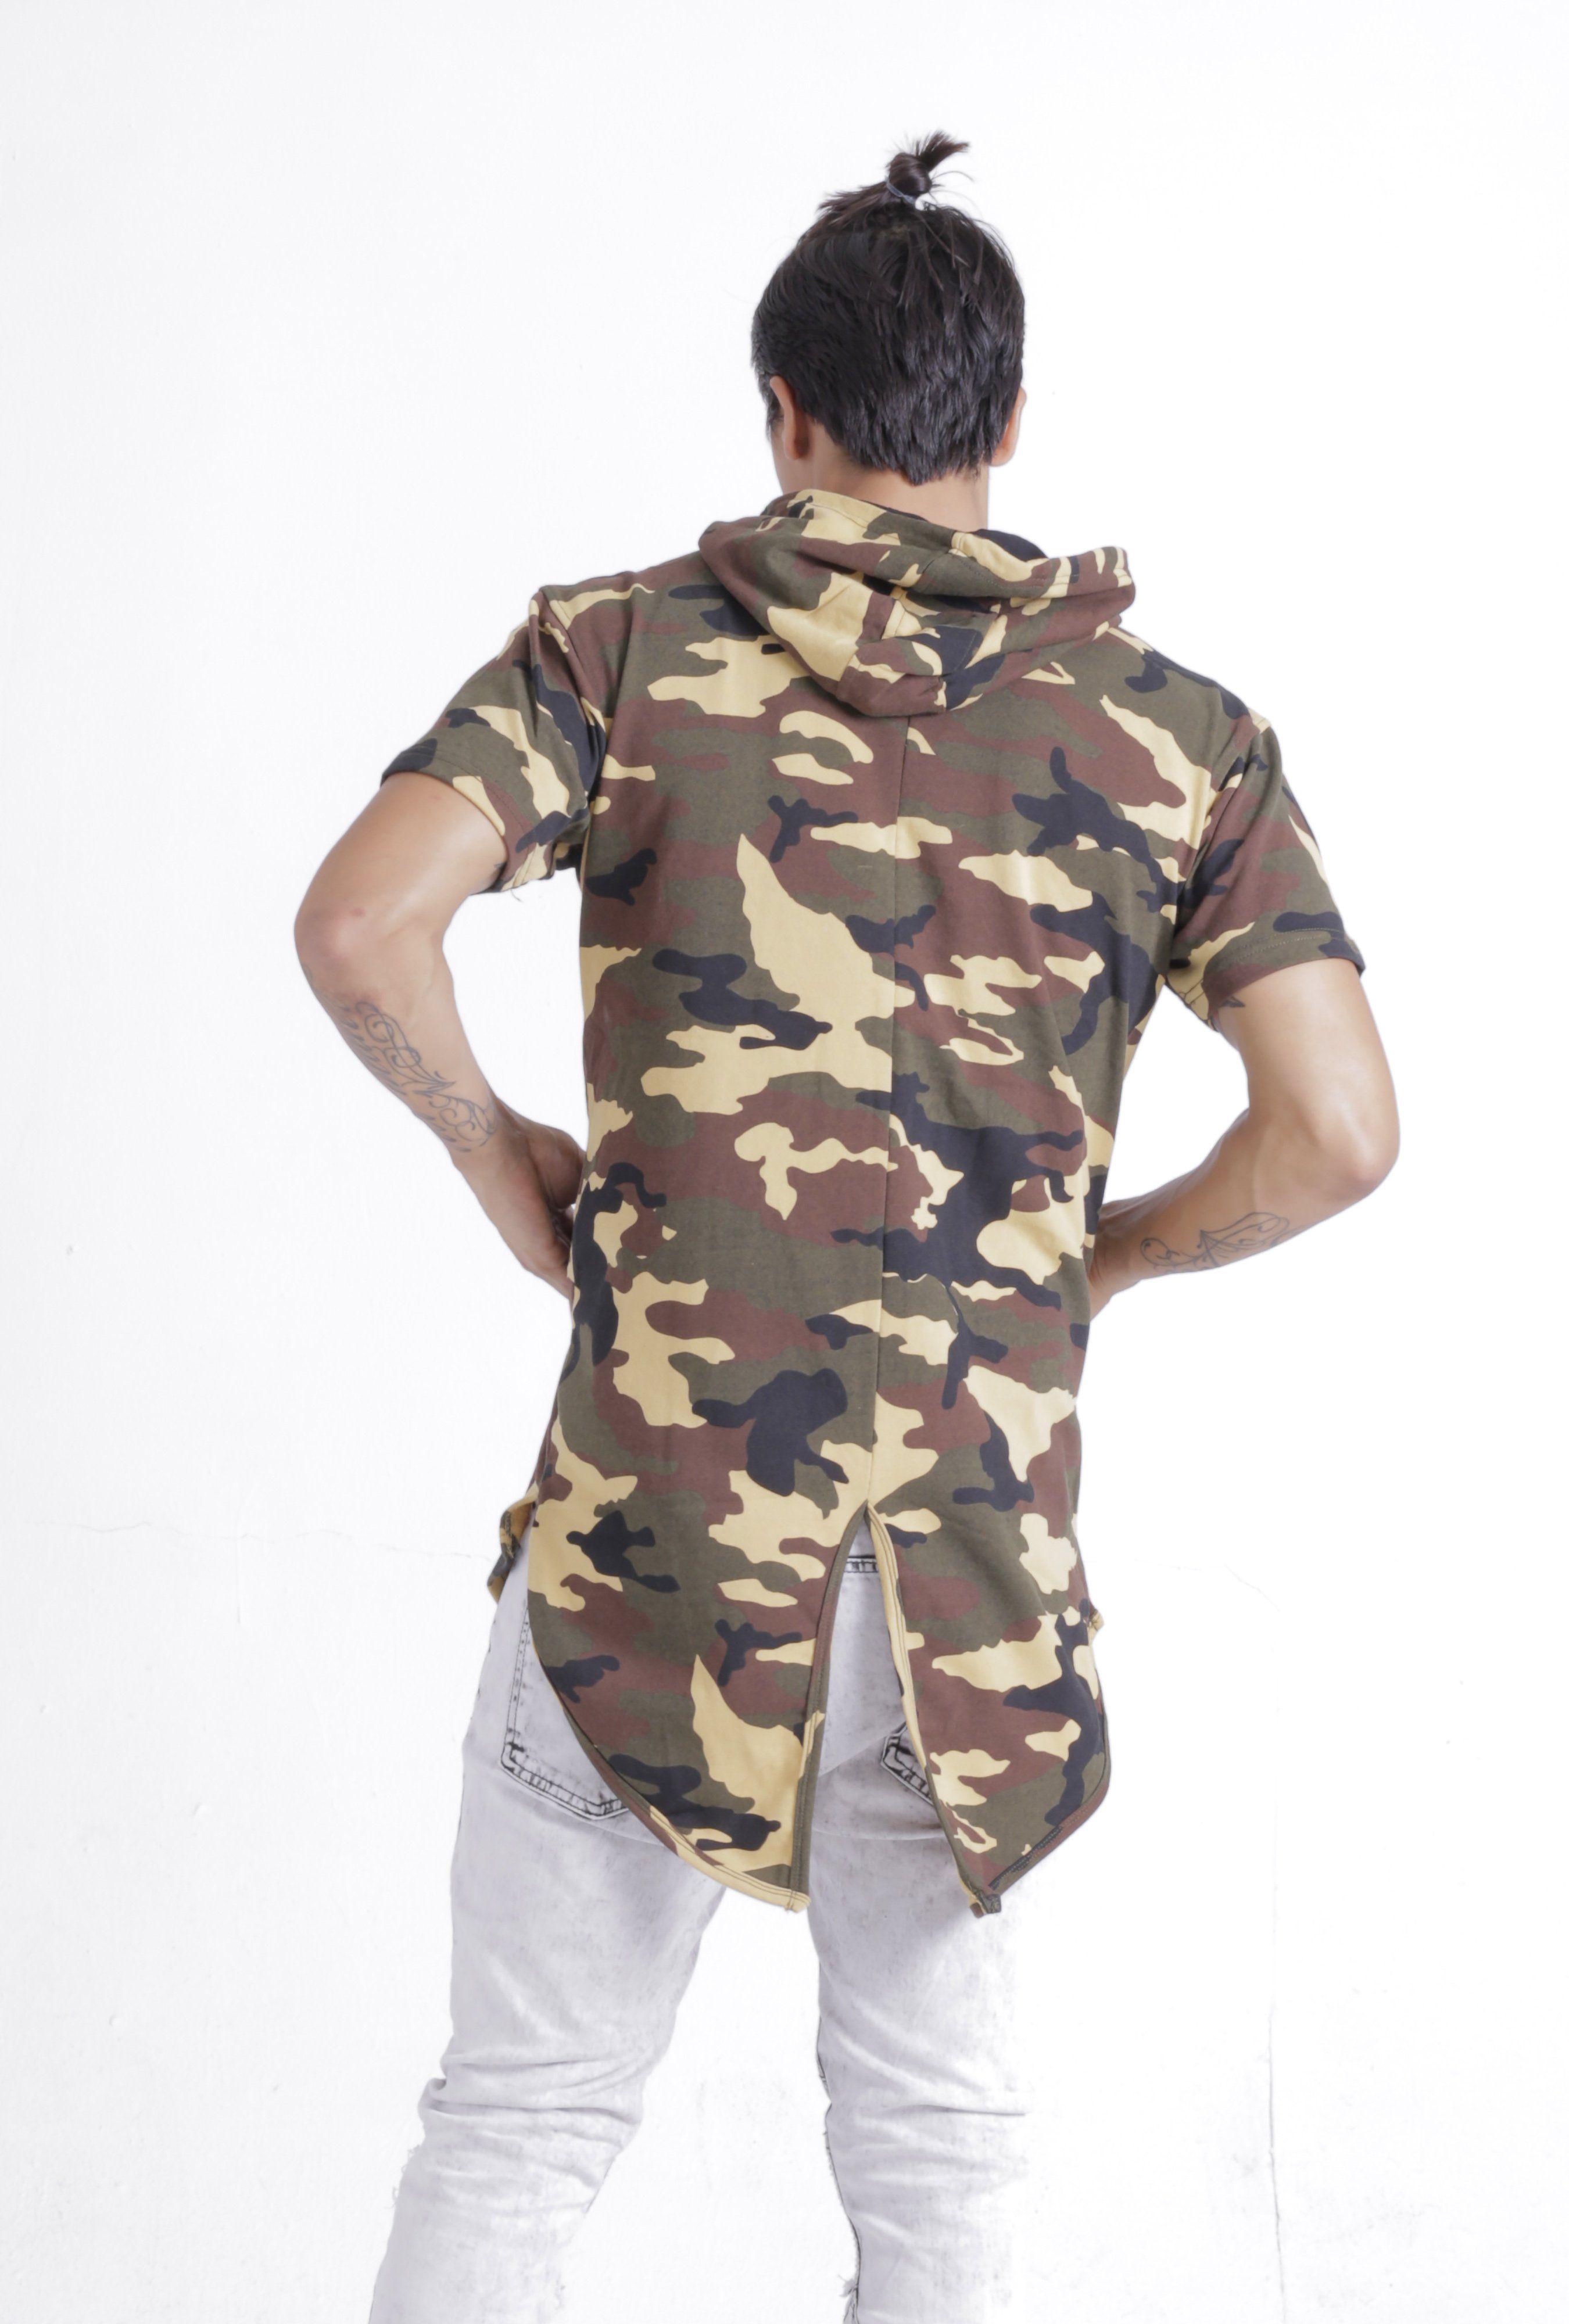 76994cf78fbd7 Camouflage Tuxedo Tank Top Camo Tuxedo T-Shirt Tux Hunting Juniors Tee